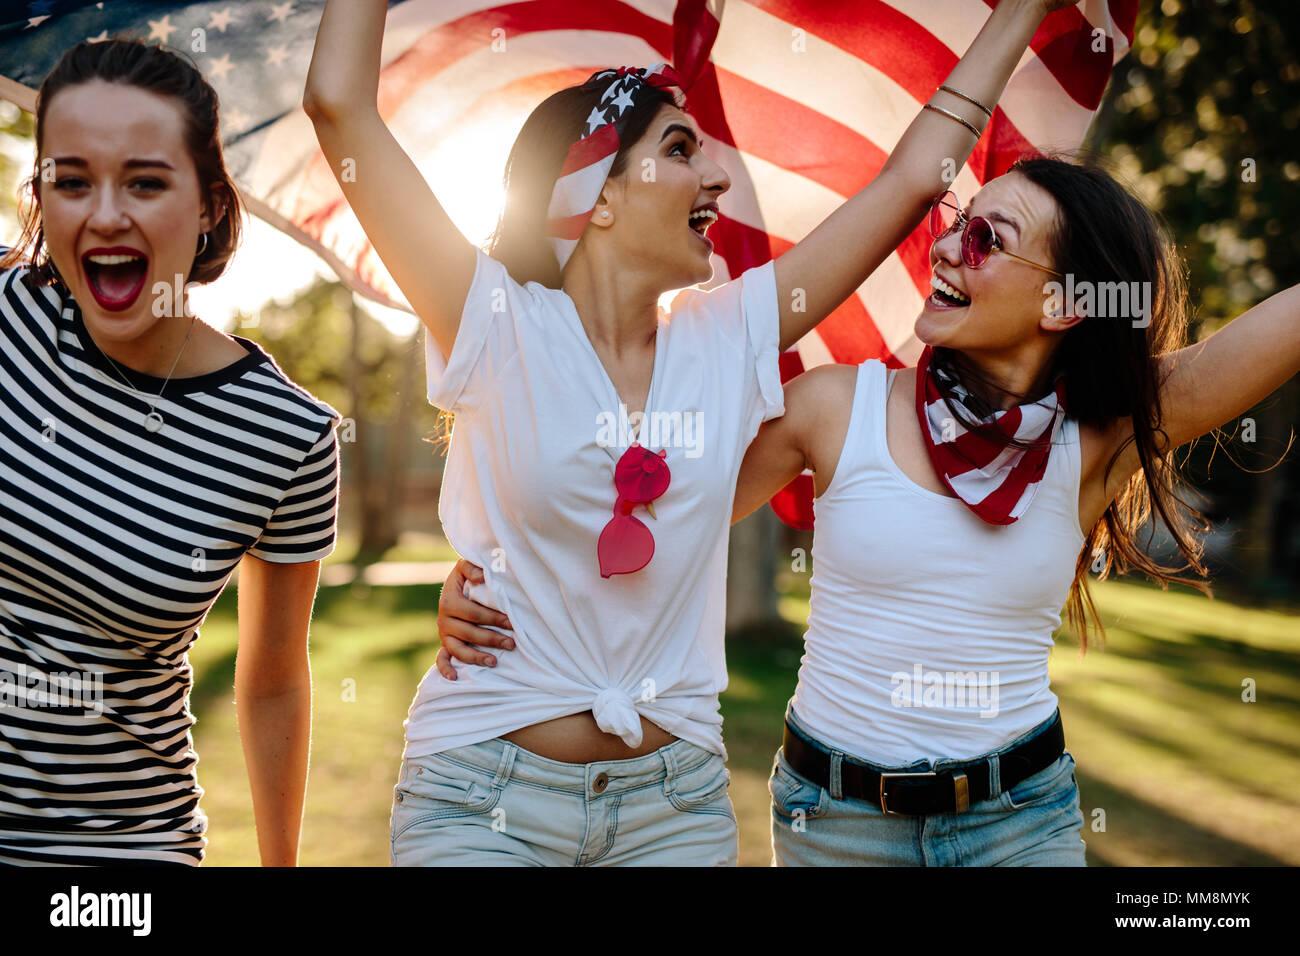 Tres jóvenes amigas con bandera americana se divierten en el parque. Grupo de sonrientes mujeres celebrando el 4 de julio al aire libre. Imagen De Stock